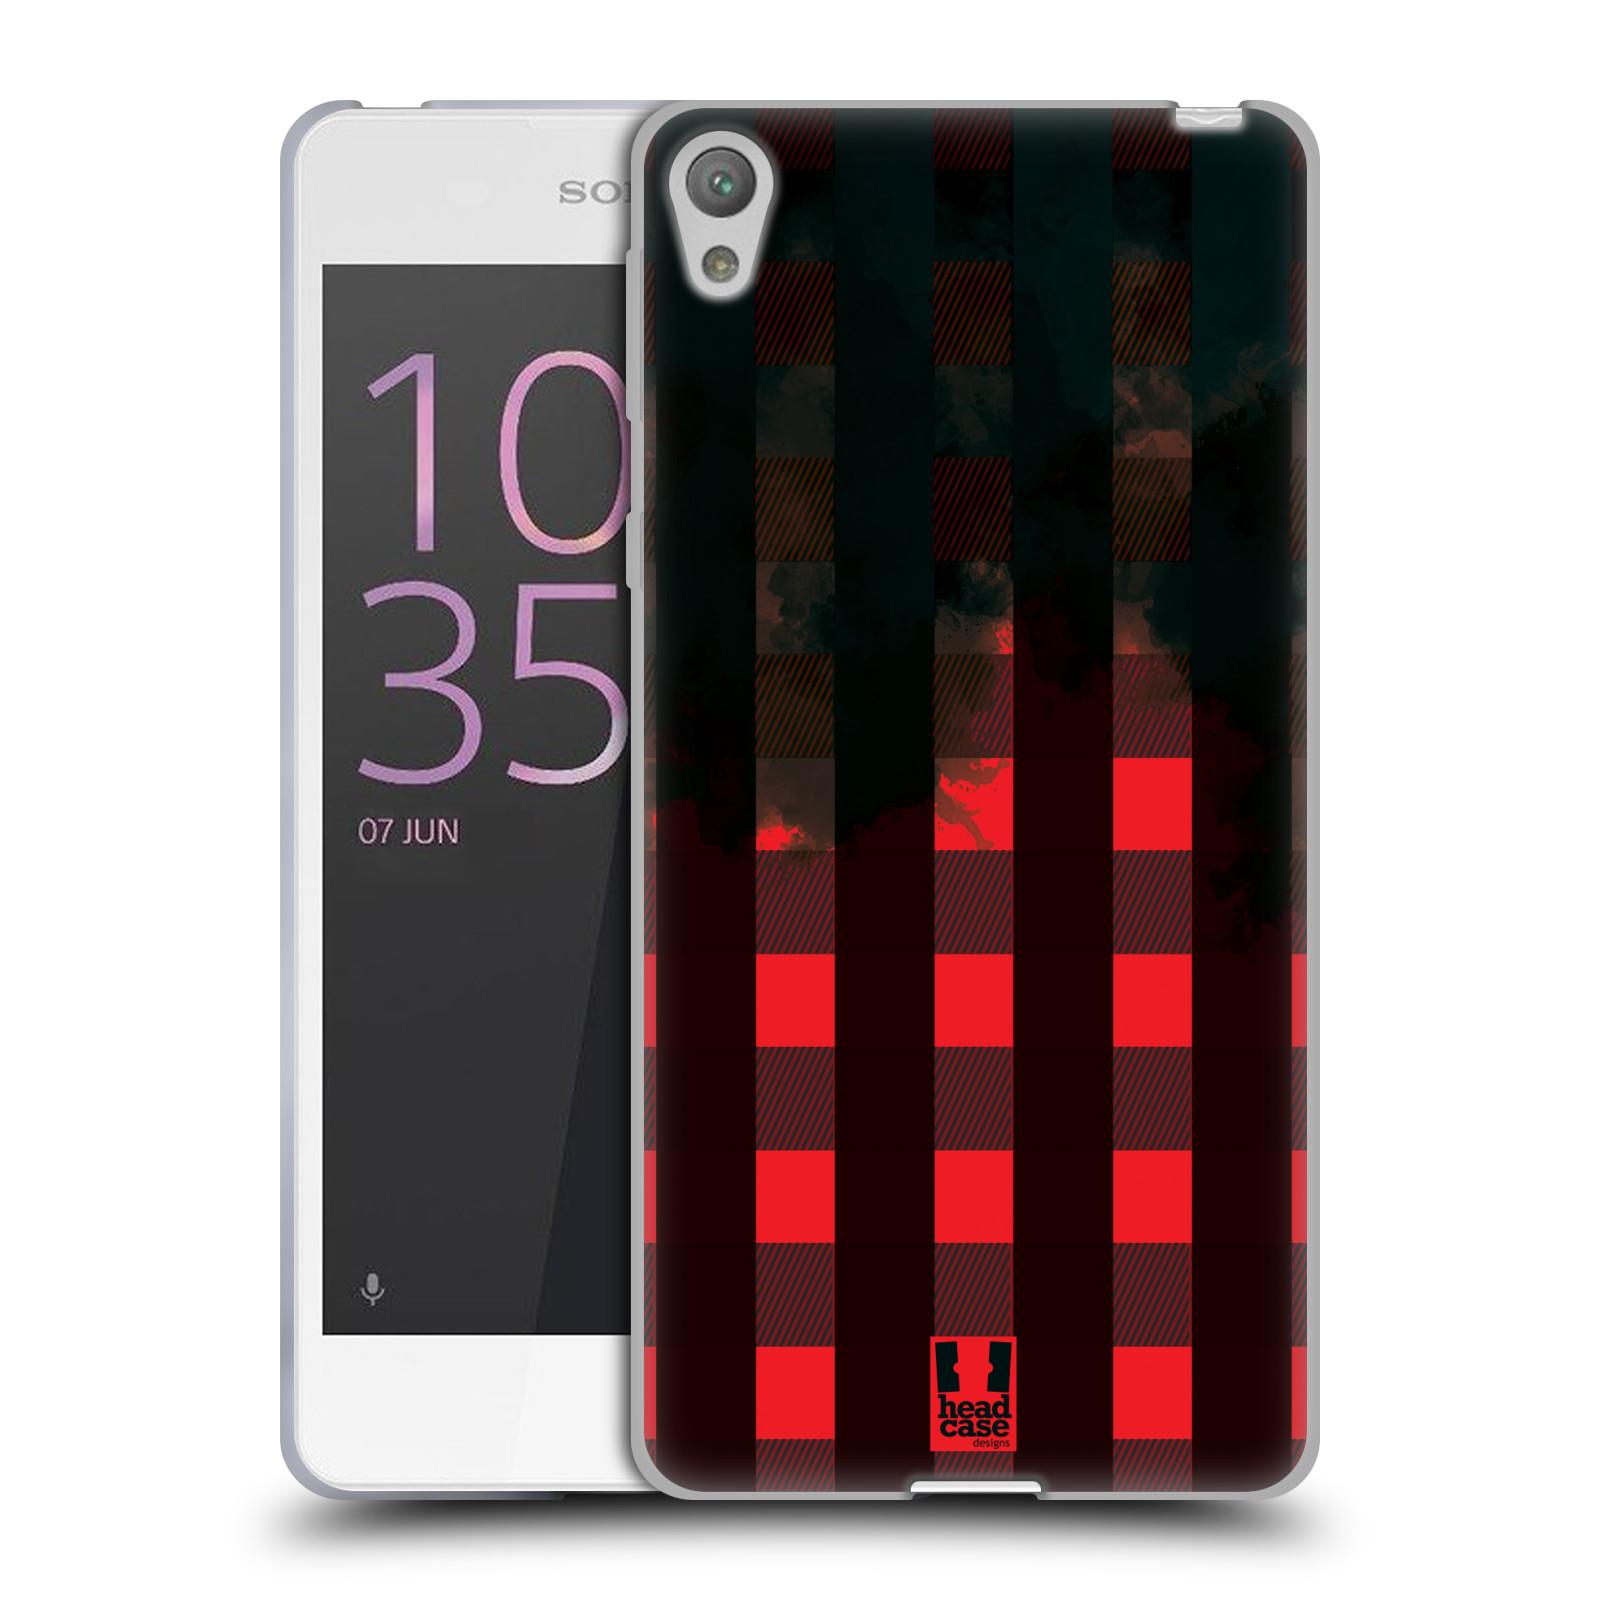 Silikonové pouzdro na mobil Sony Xperia E5 HEAD CASE FLANEL RED BLACK (Silikonový kryt či obal na mobilní telefon Sony Xperia E5 F3311)